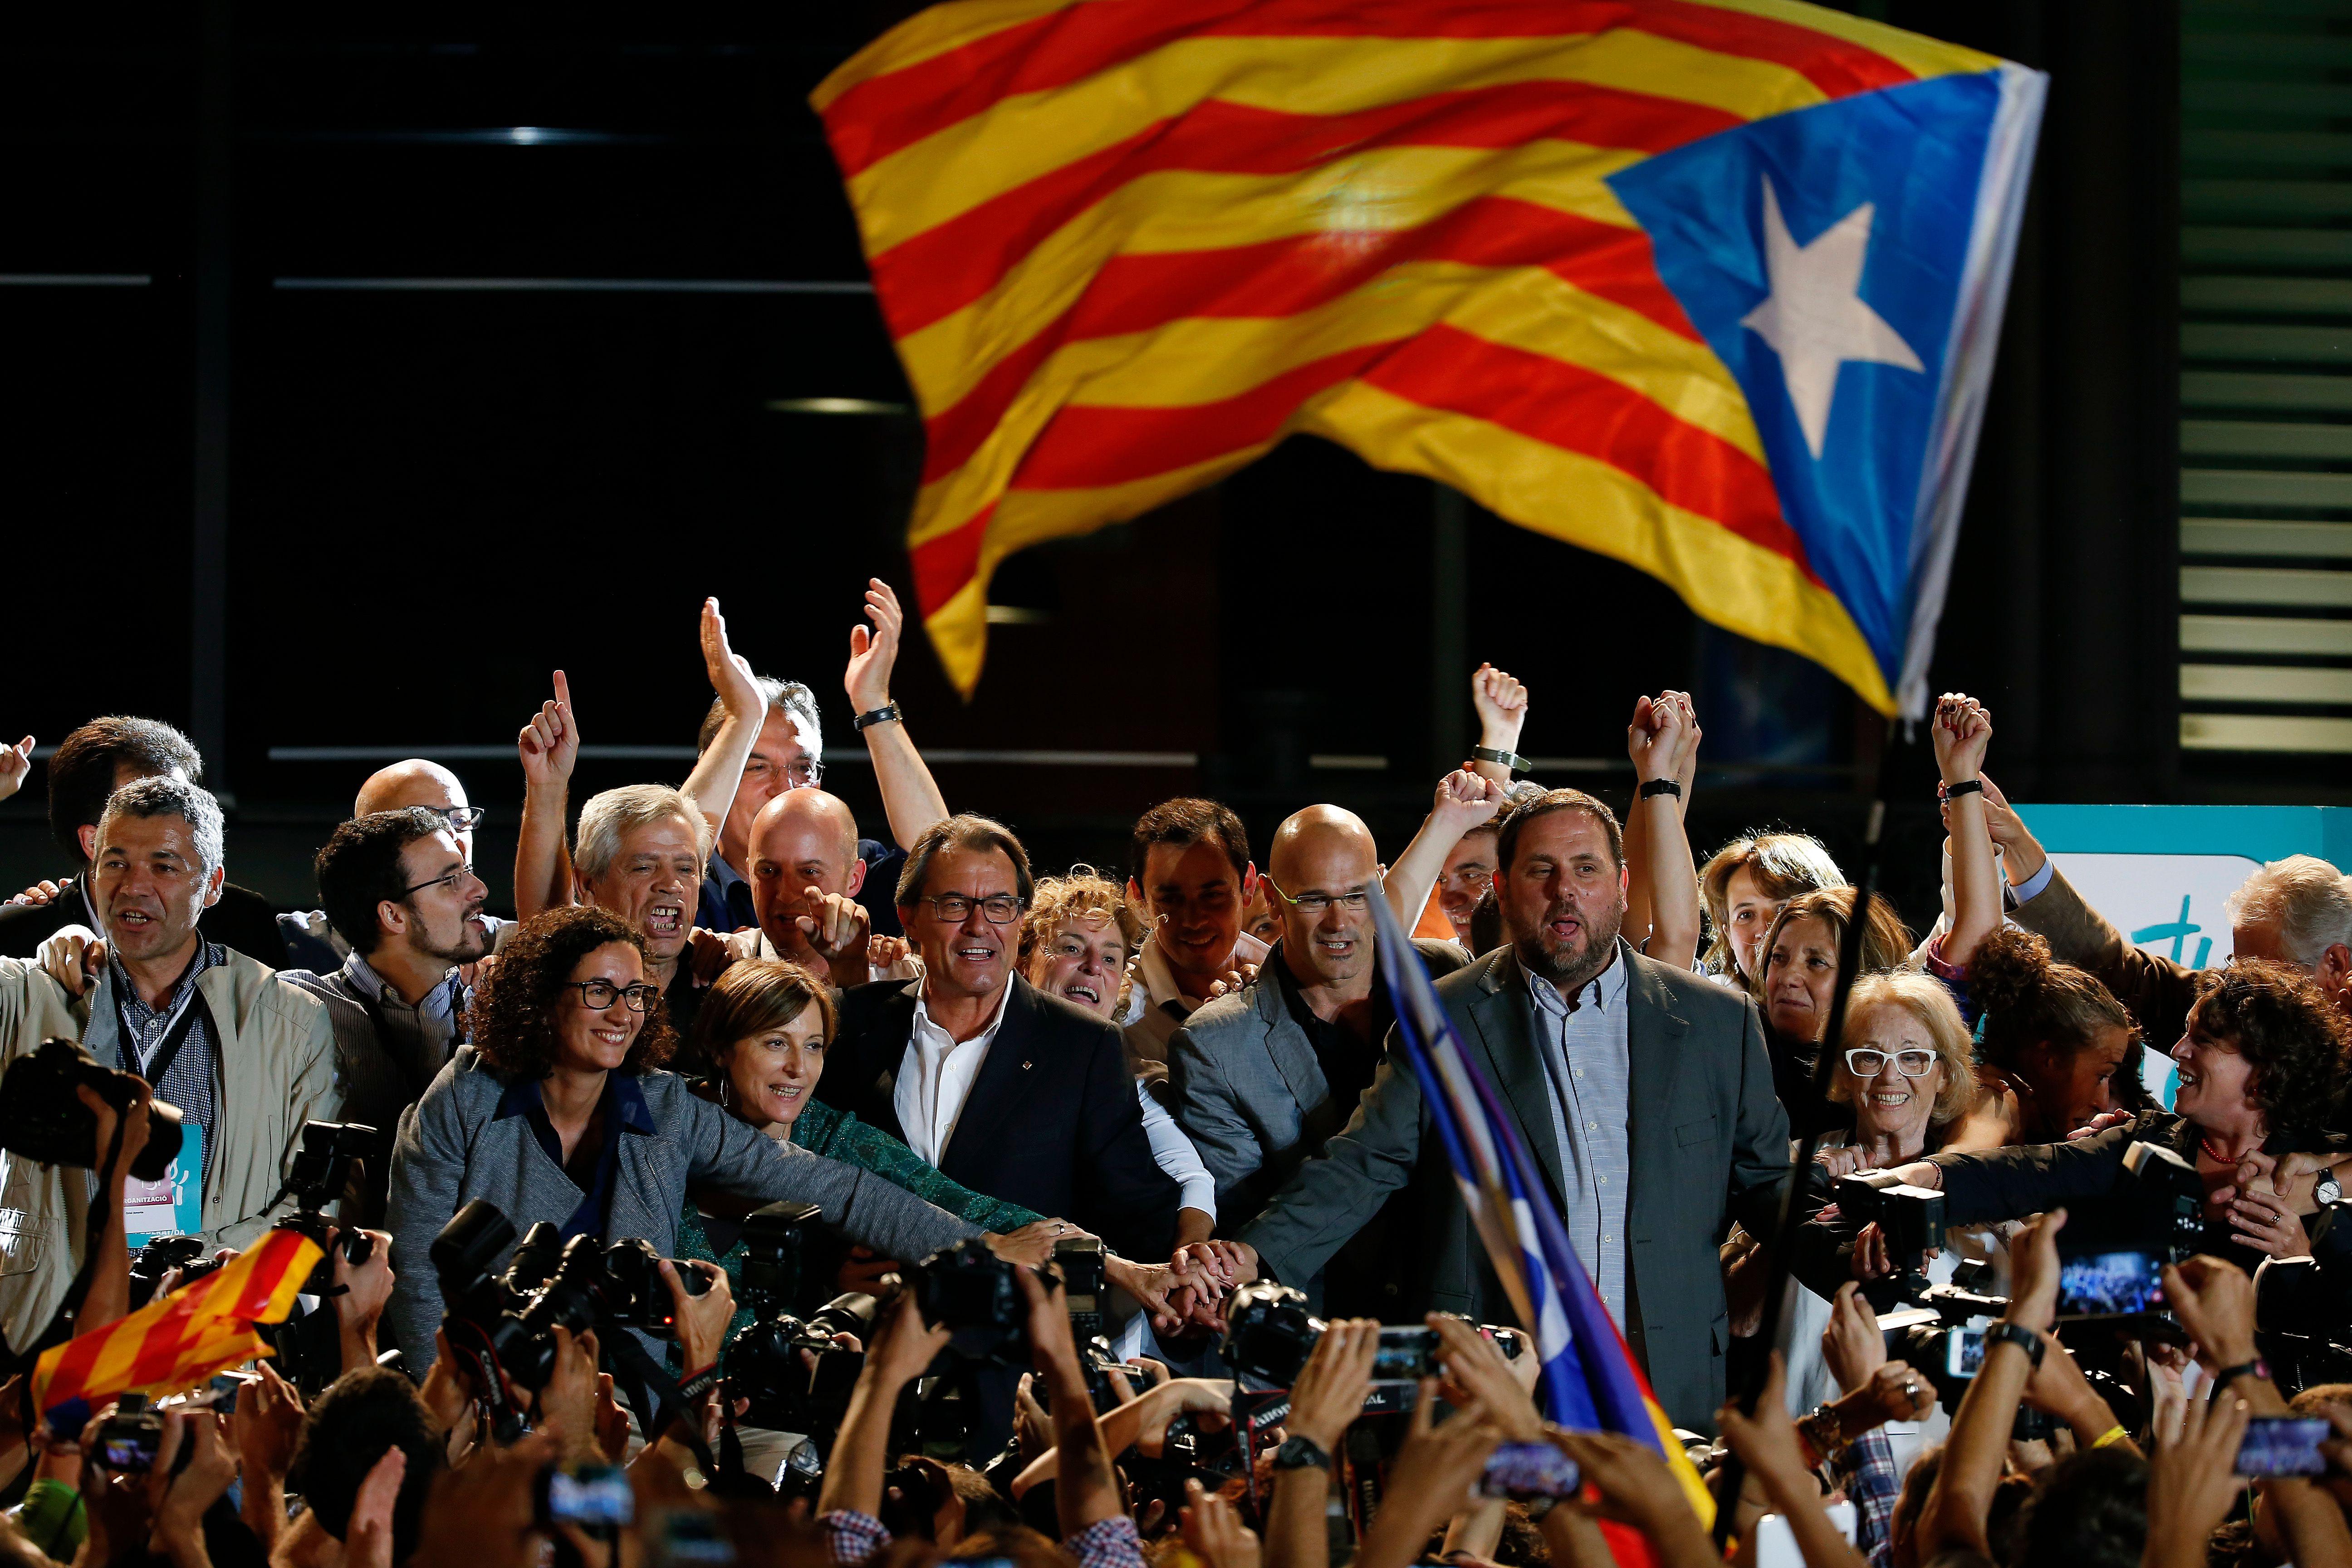 Catalogne: victoire inédite des indépendantistes qui obtiennent la majorité absolue